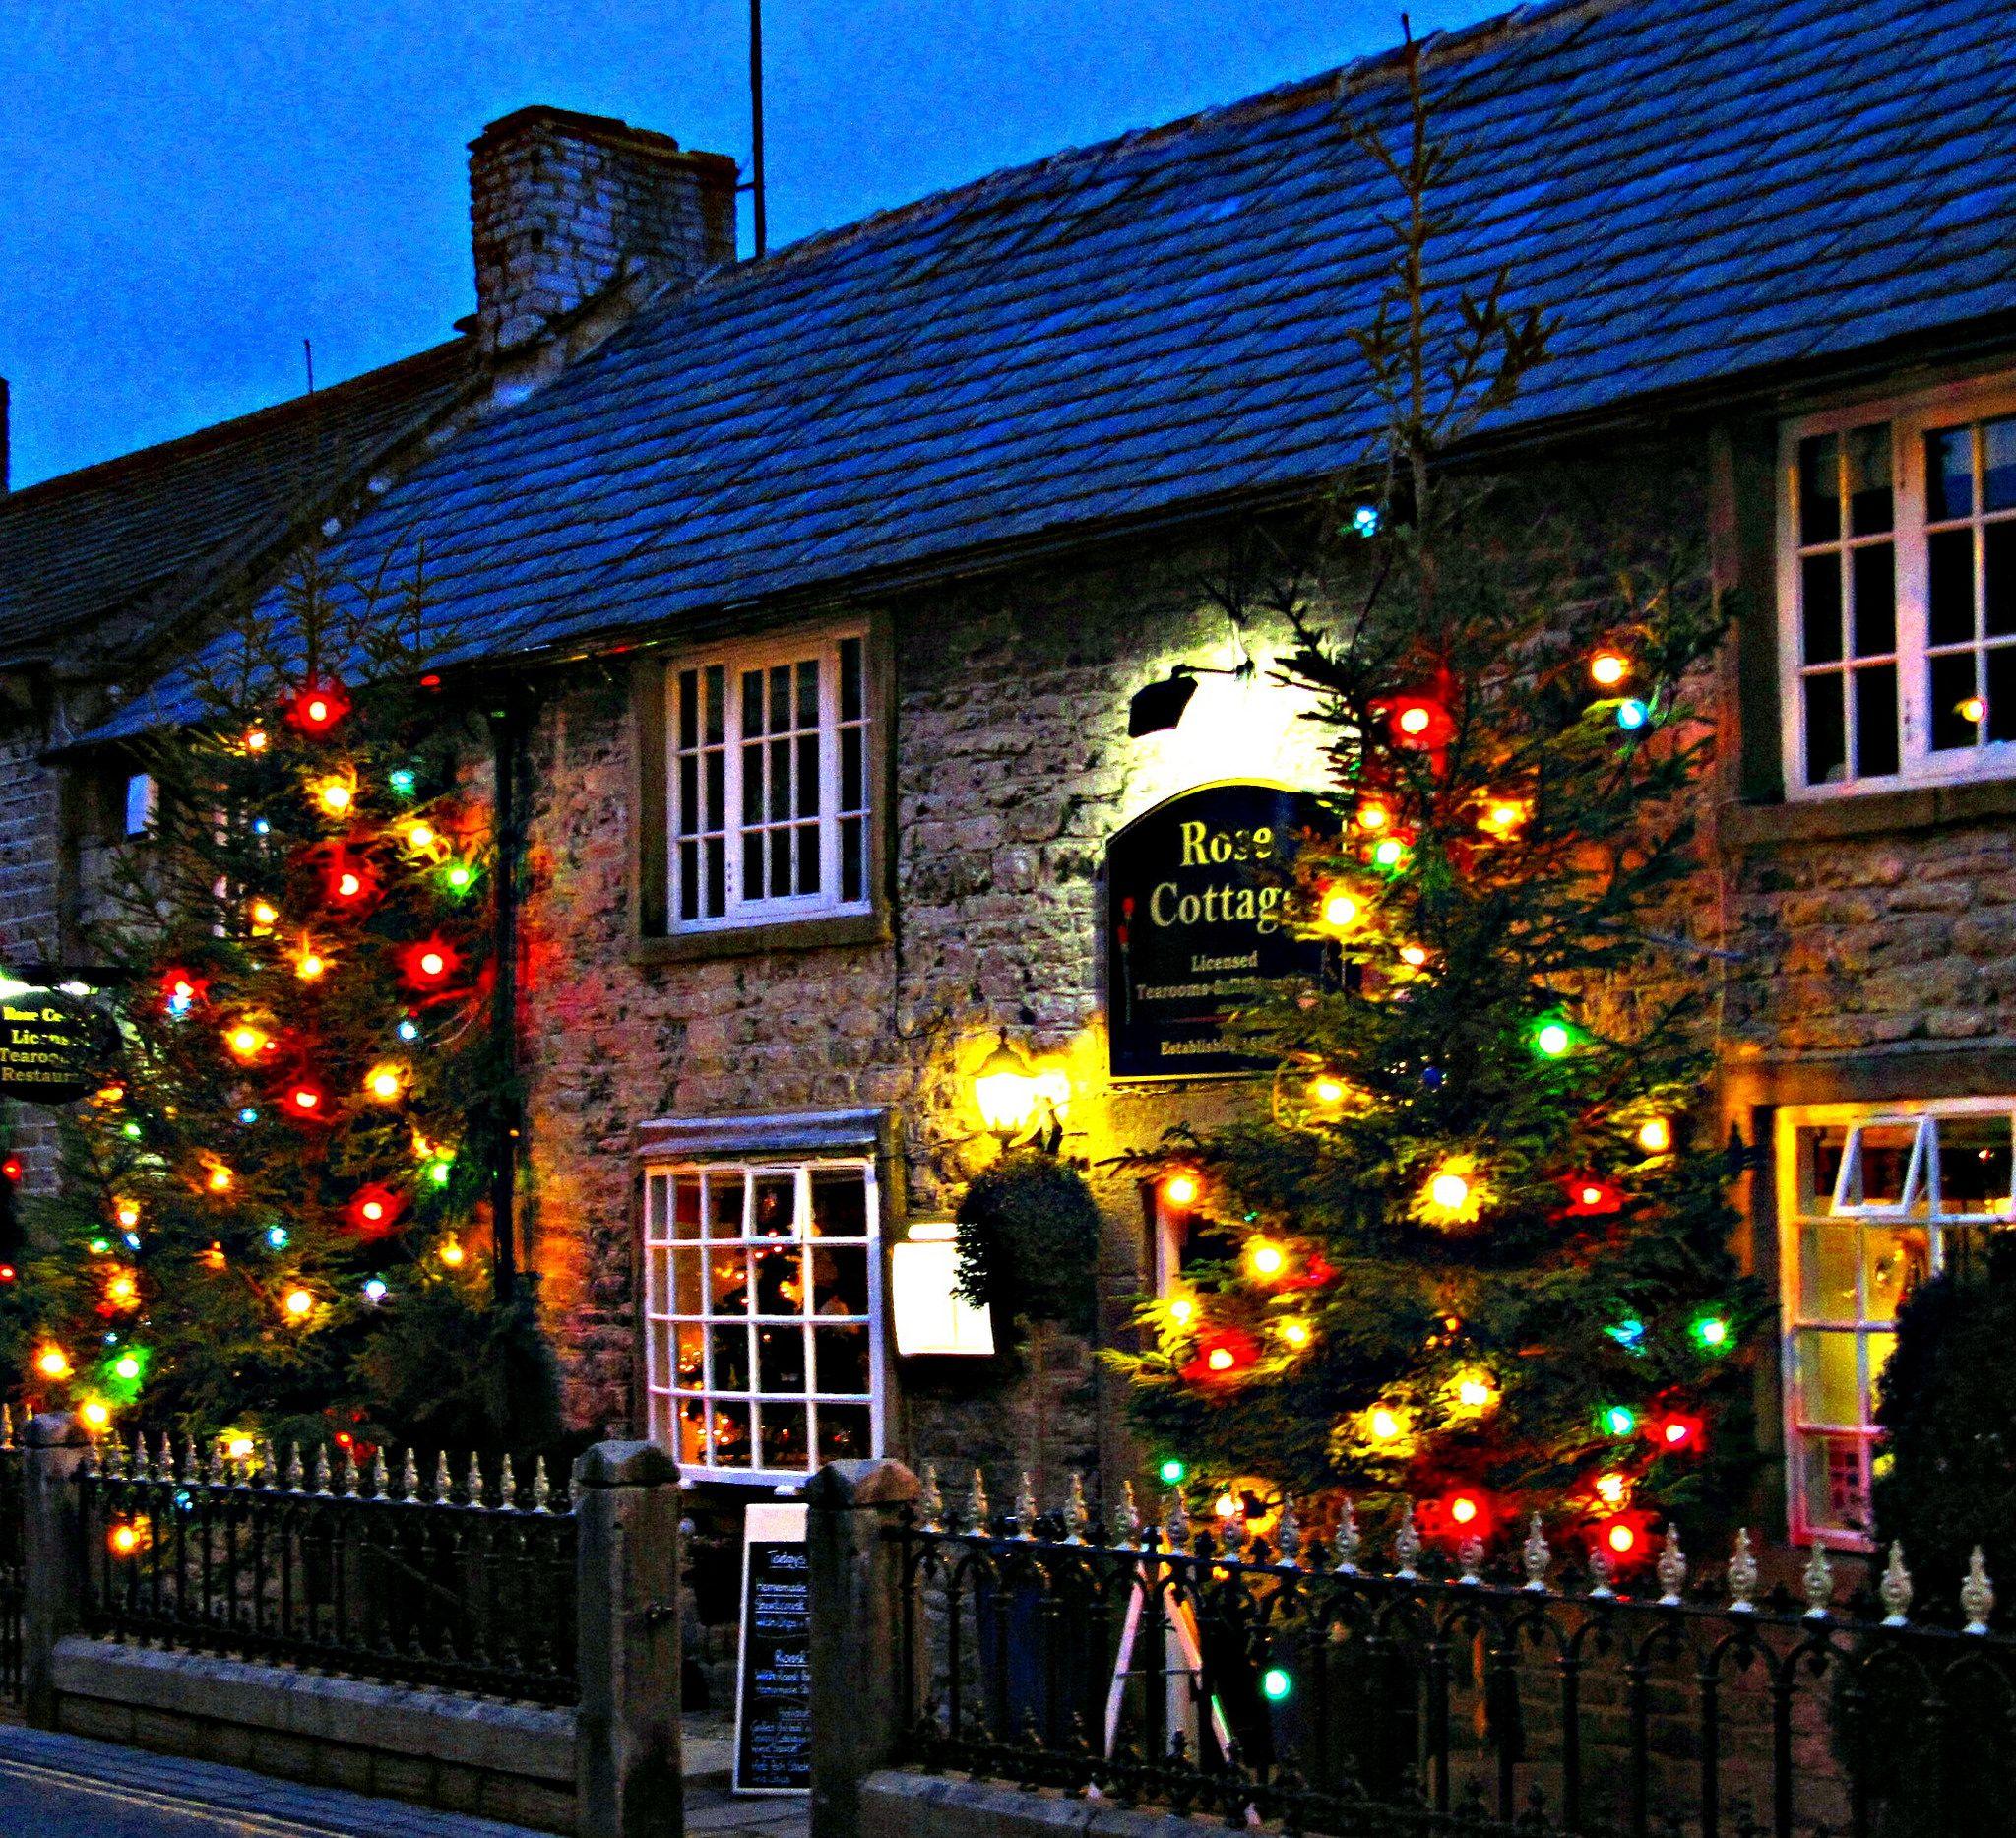 Castleton Christmas Lights (15.12.2010) Christmas in